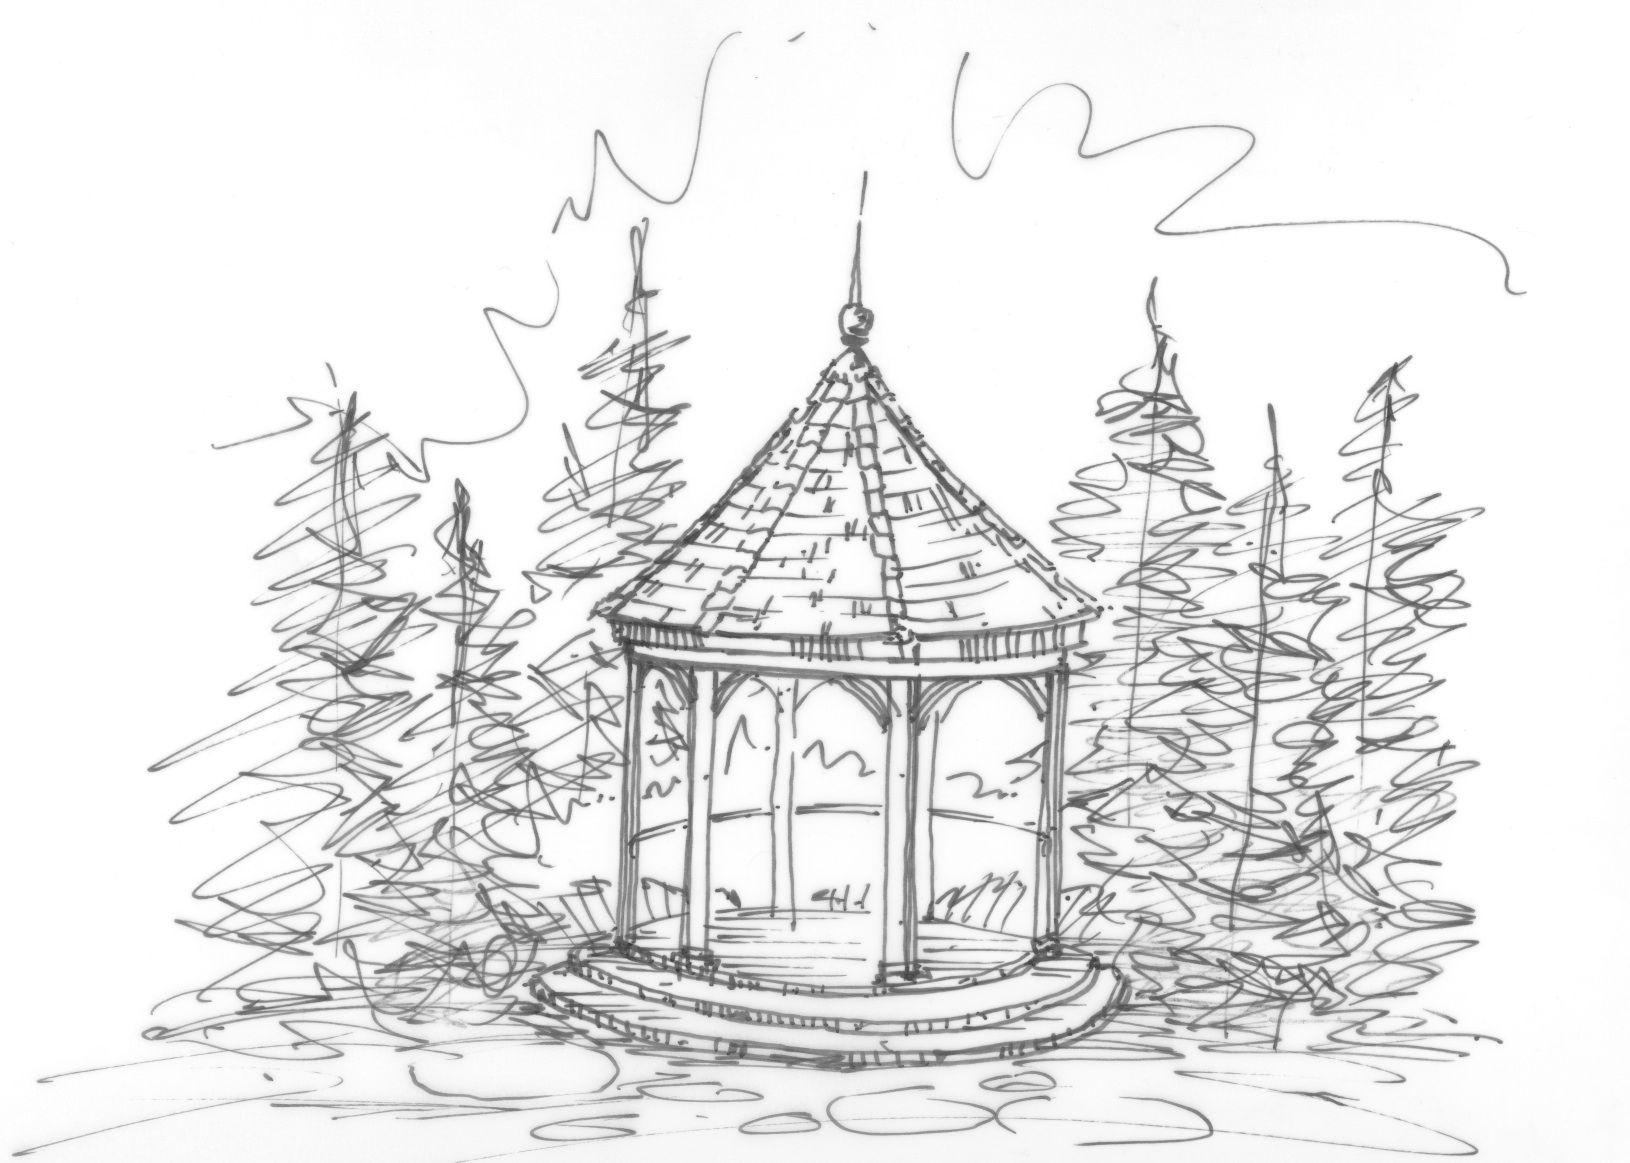 Gazebo sketch heather moll dunn landscape and garden design garden items pencil drawings